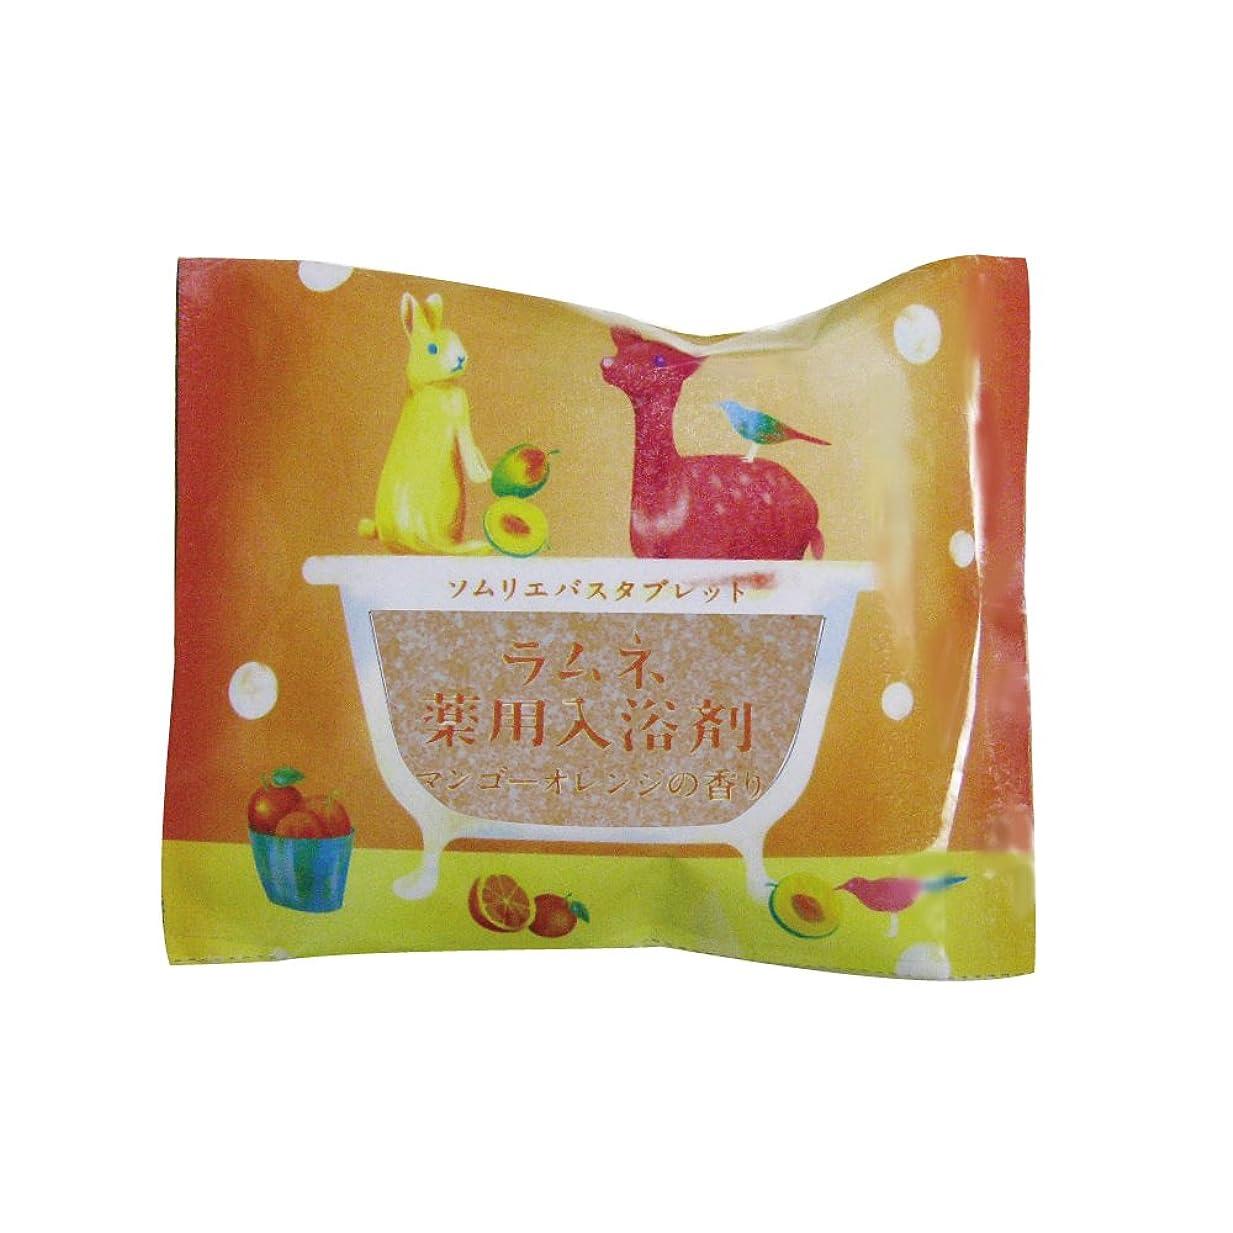 肌方程式キノコソムリエバスタブレット ラムネ薬用入浴剤 マンゴーオレンジの香り 12個セット